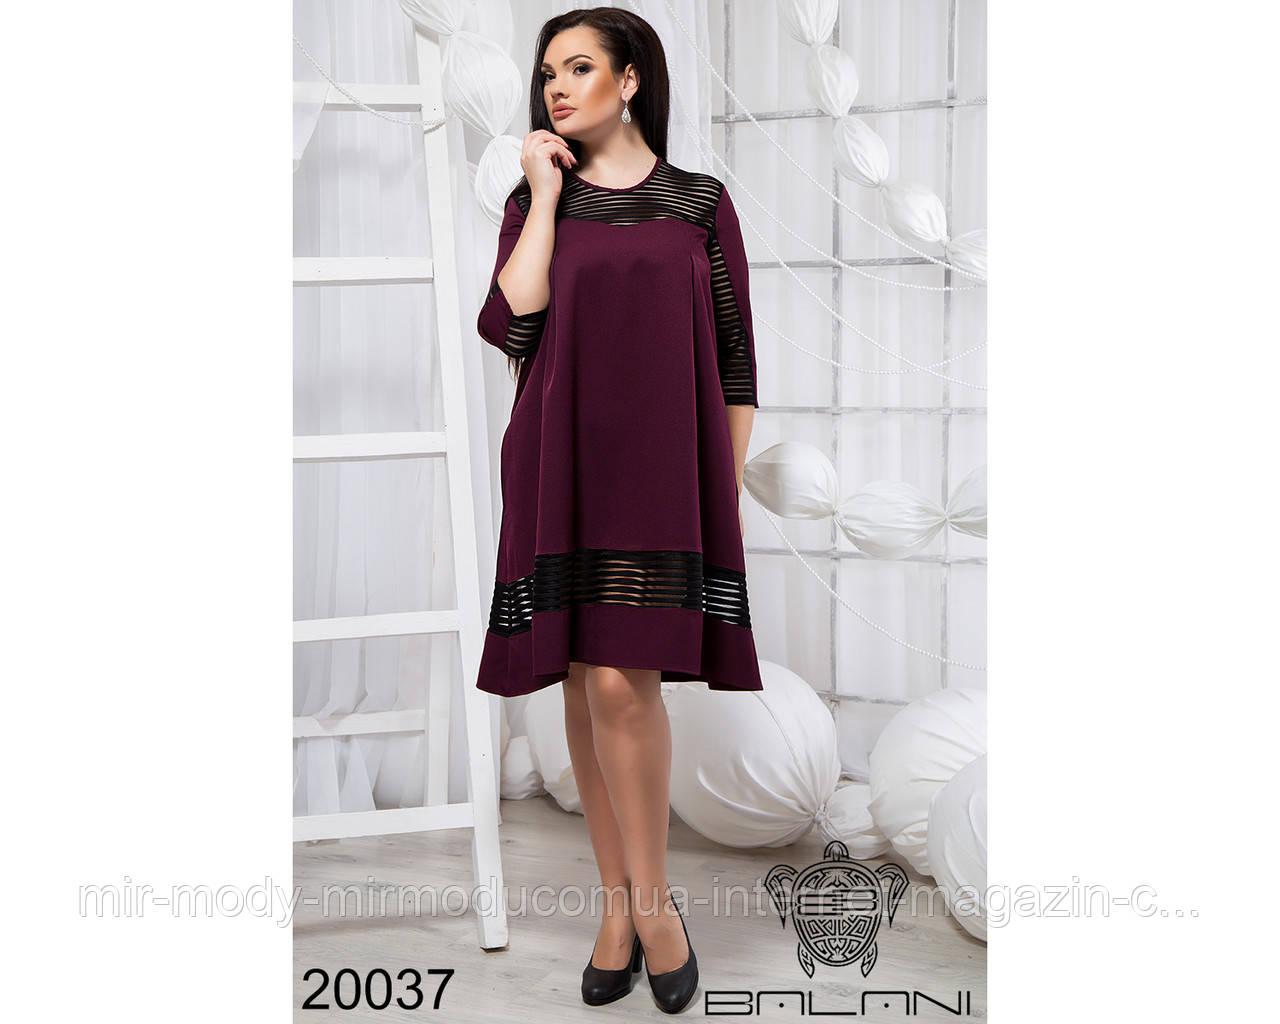 Стильное короткое платье - 20037с 48 по 56 размер бн